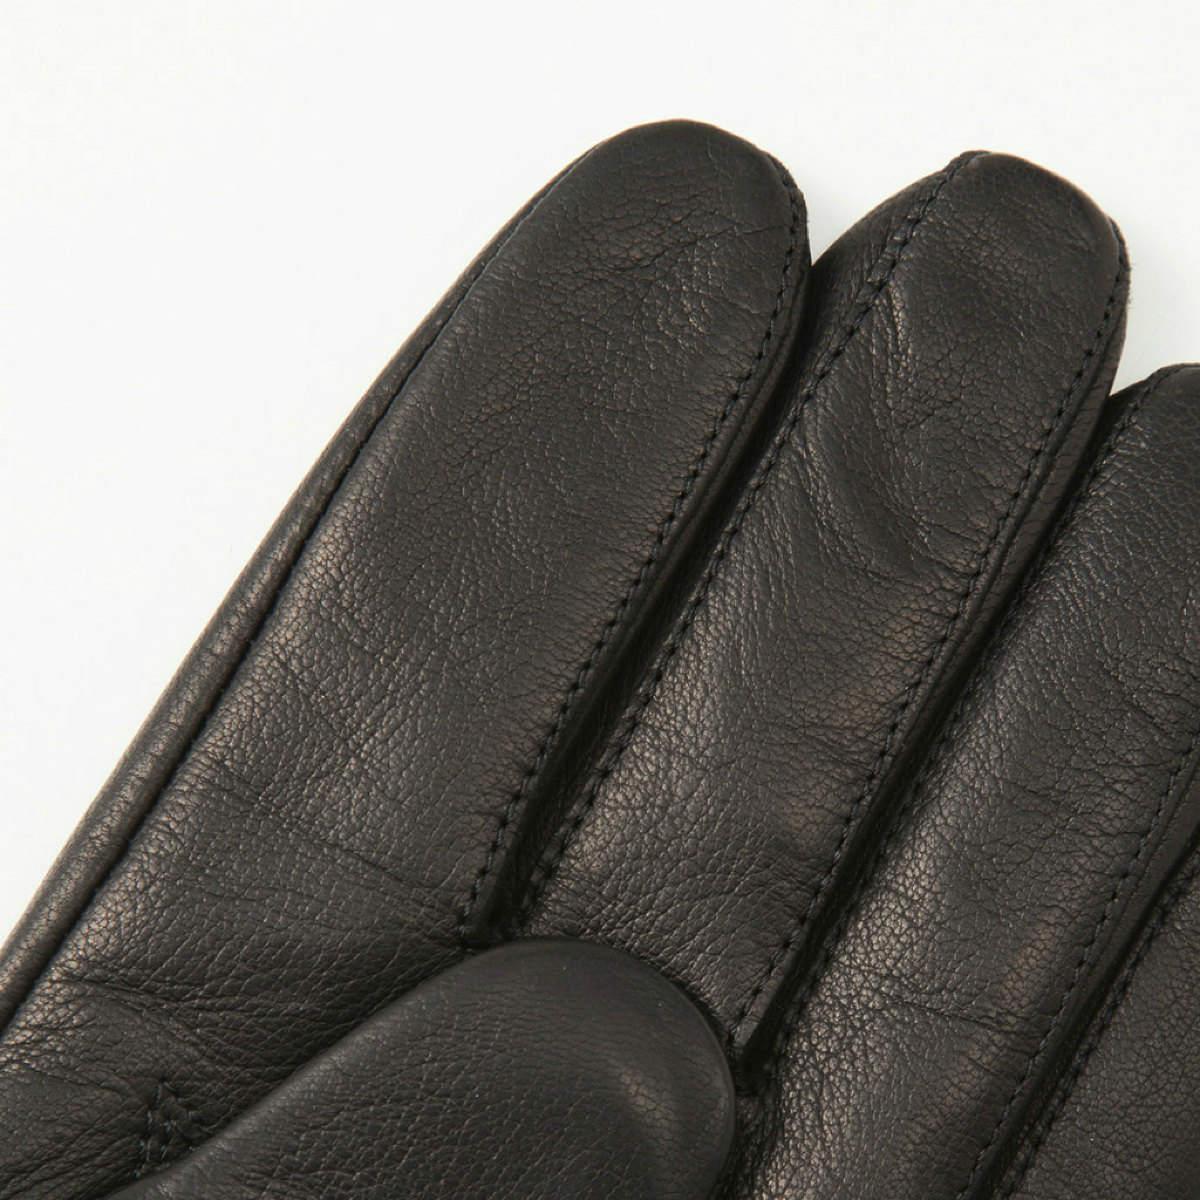 アルタクラッセ カプリガンティメンズ レッキスファー付/革手袋ブラック